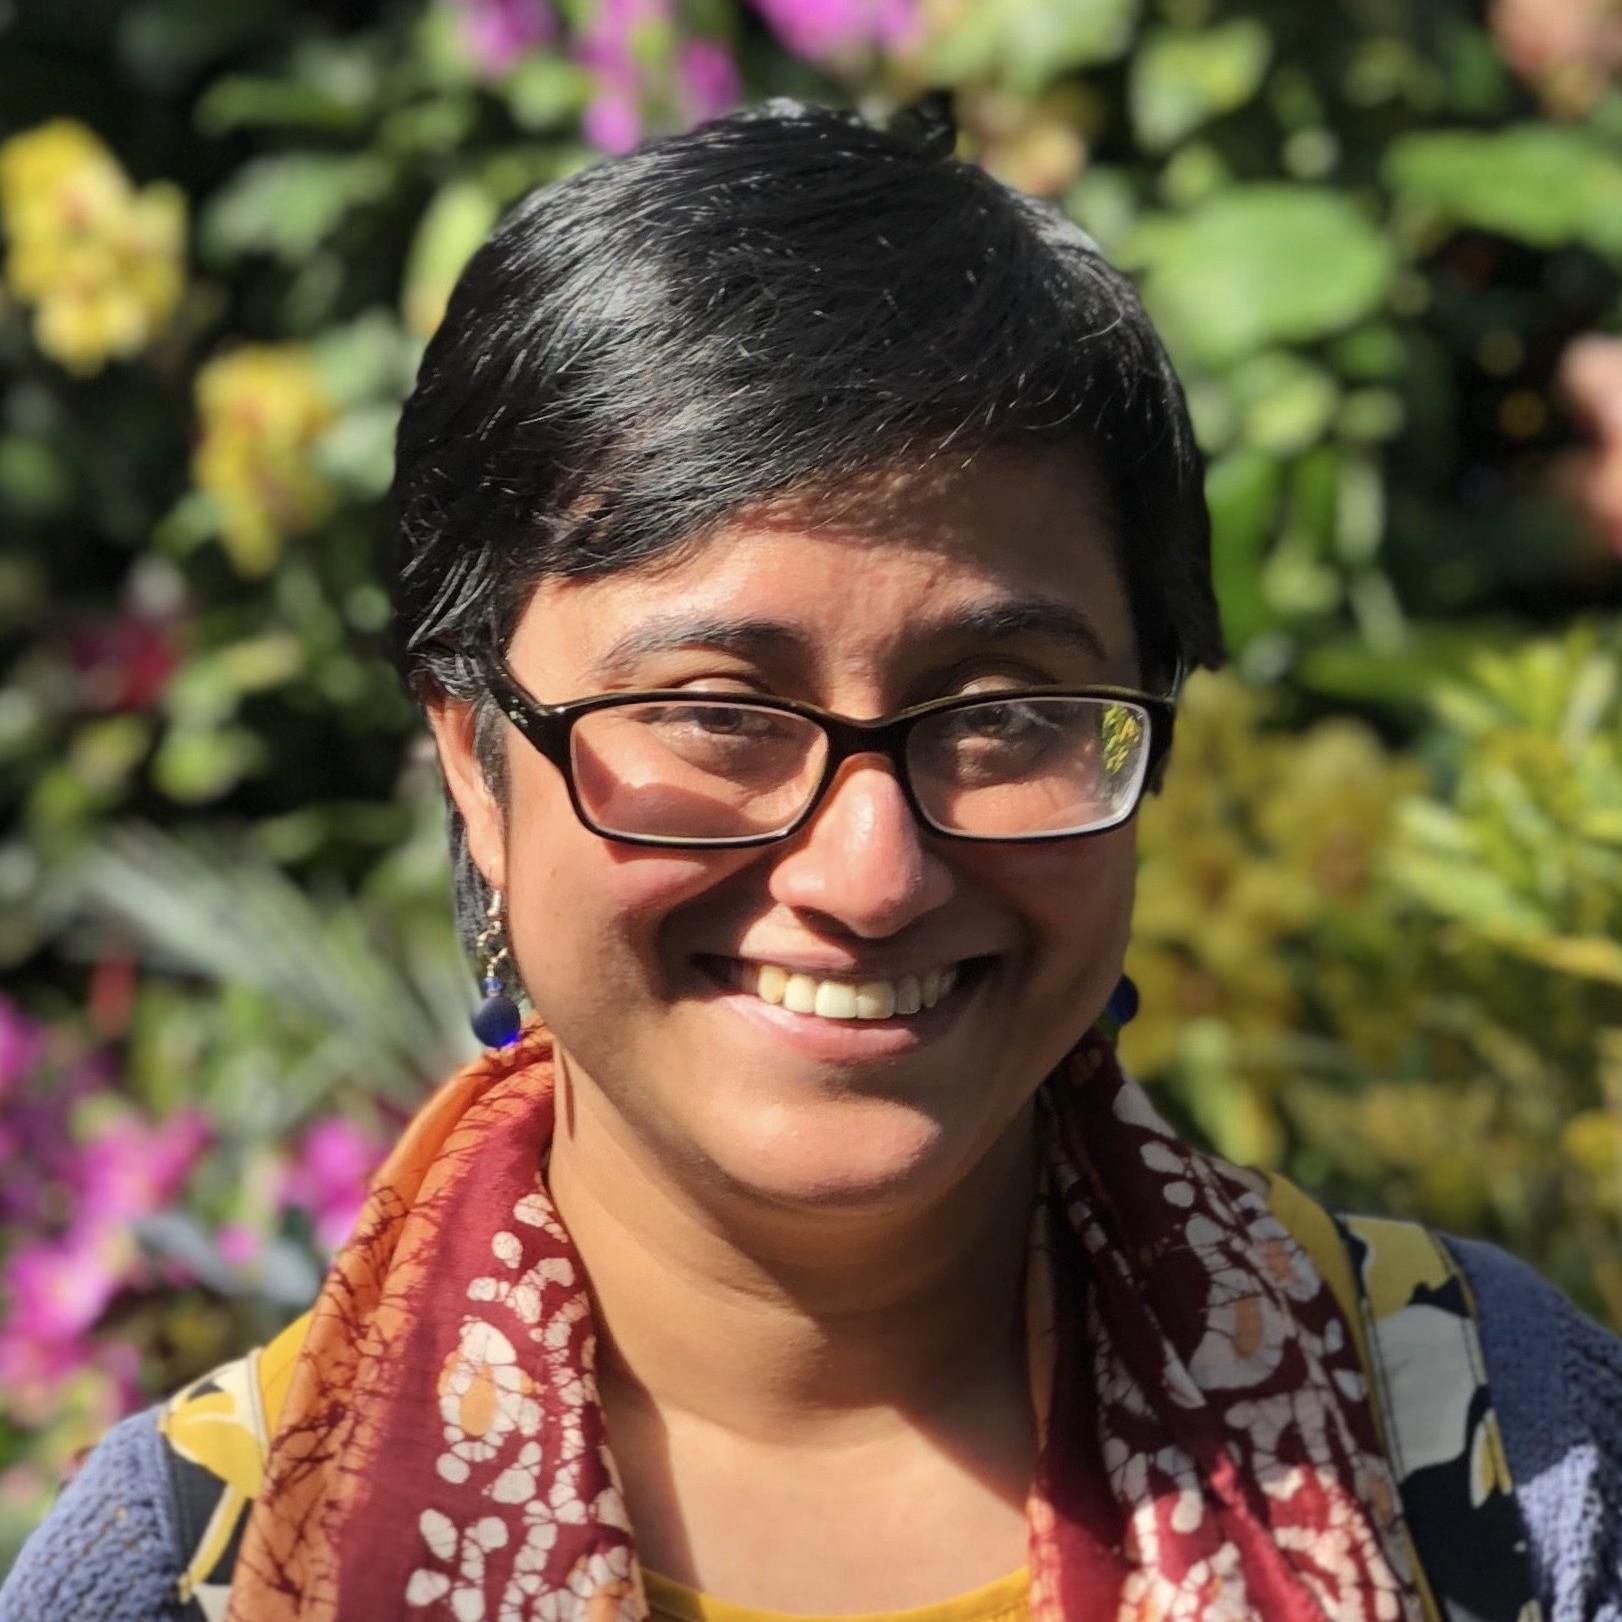 Debapriya Sarkar's headshot